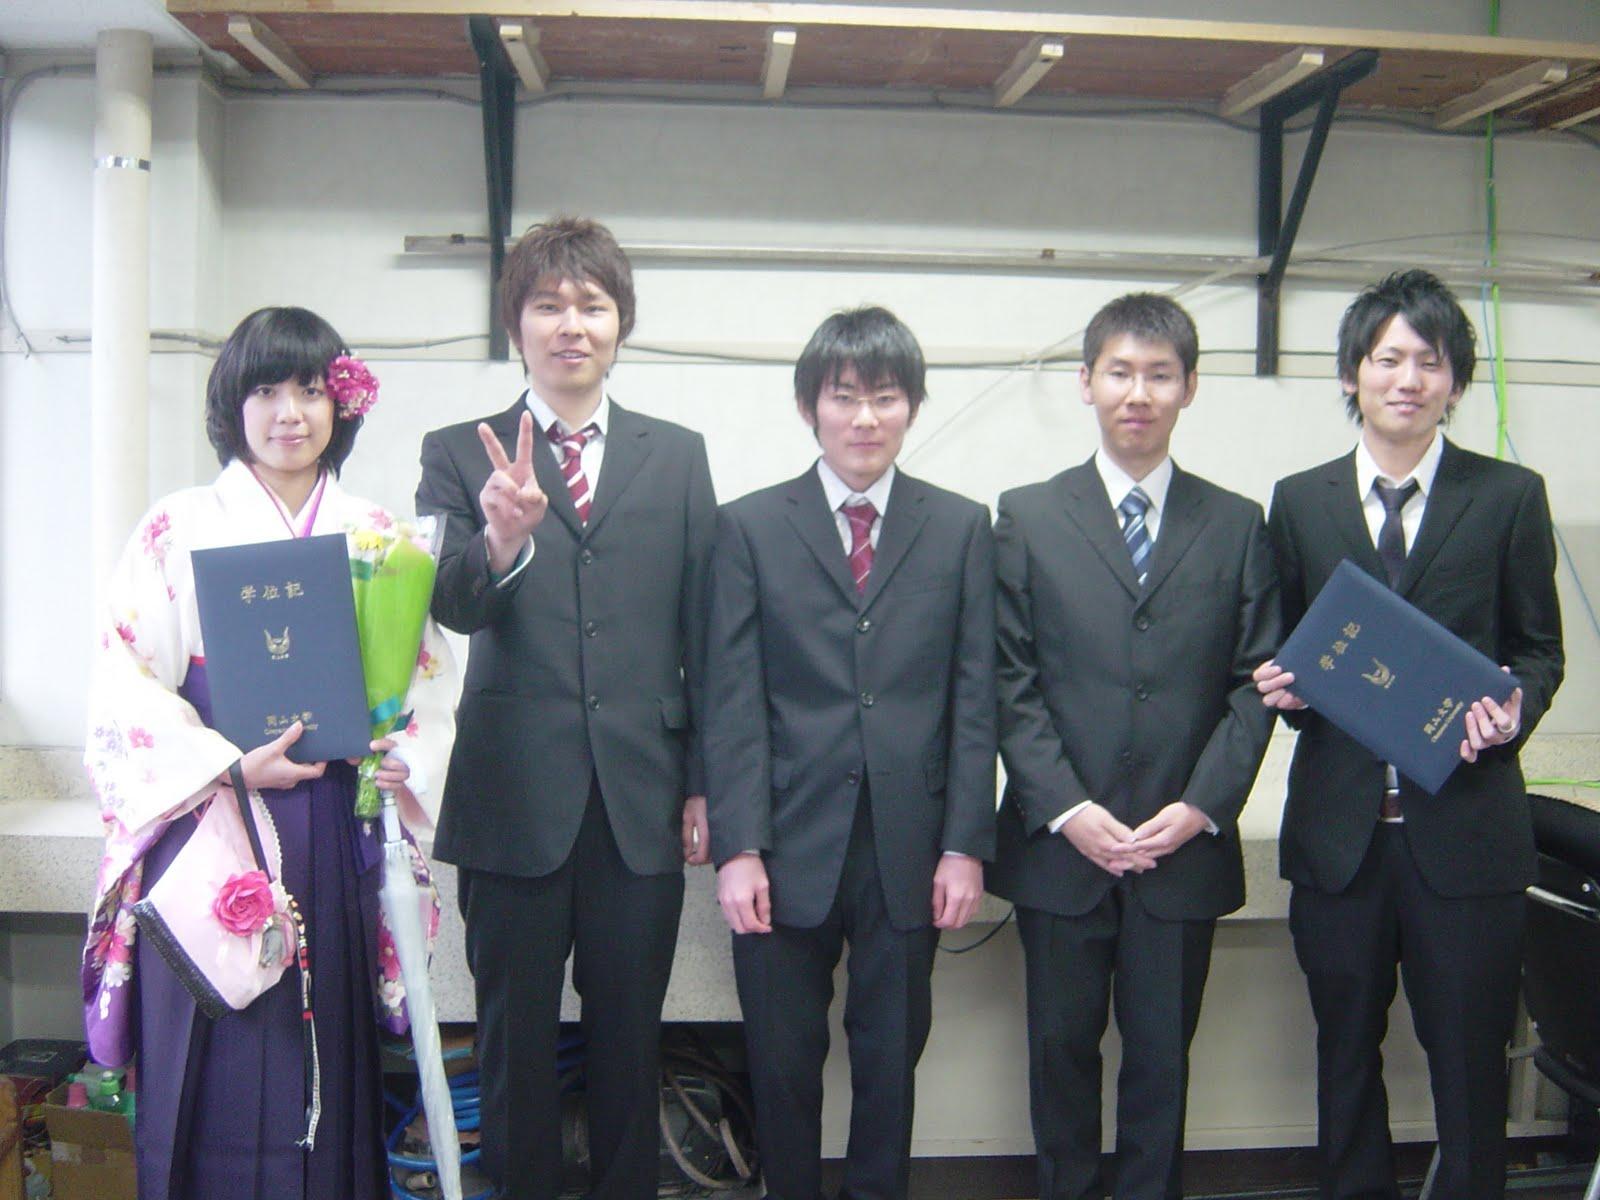 岡山大学・薄膜物性学研究室ブログ: 卒業式